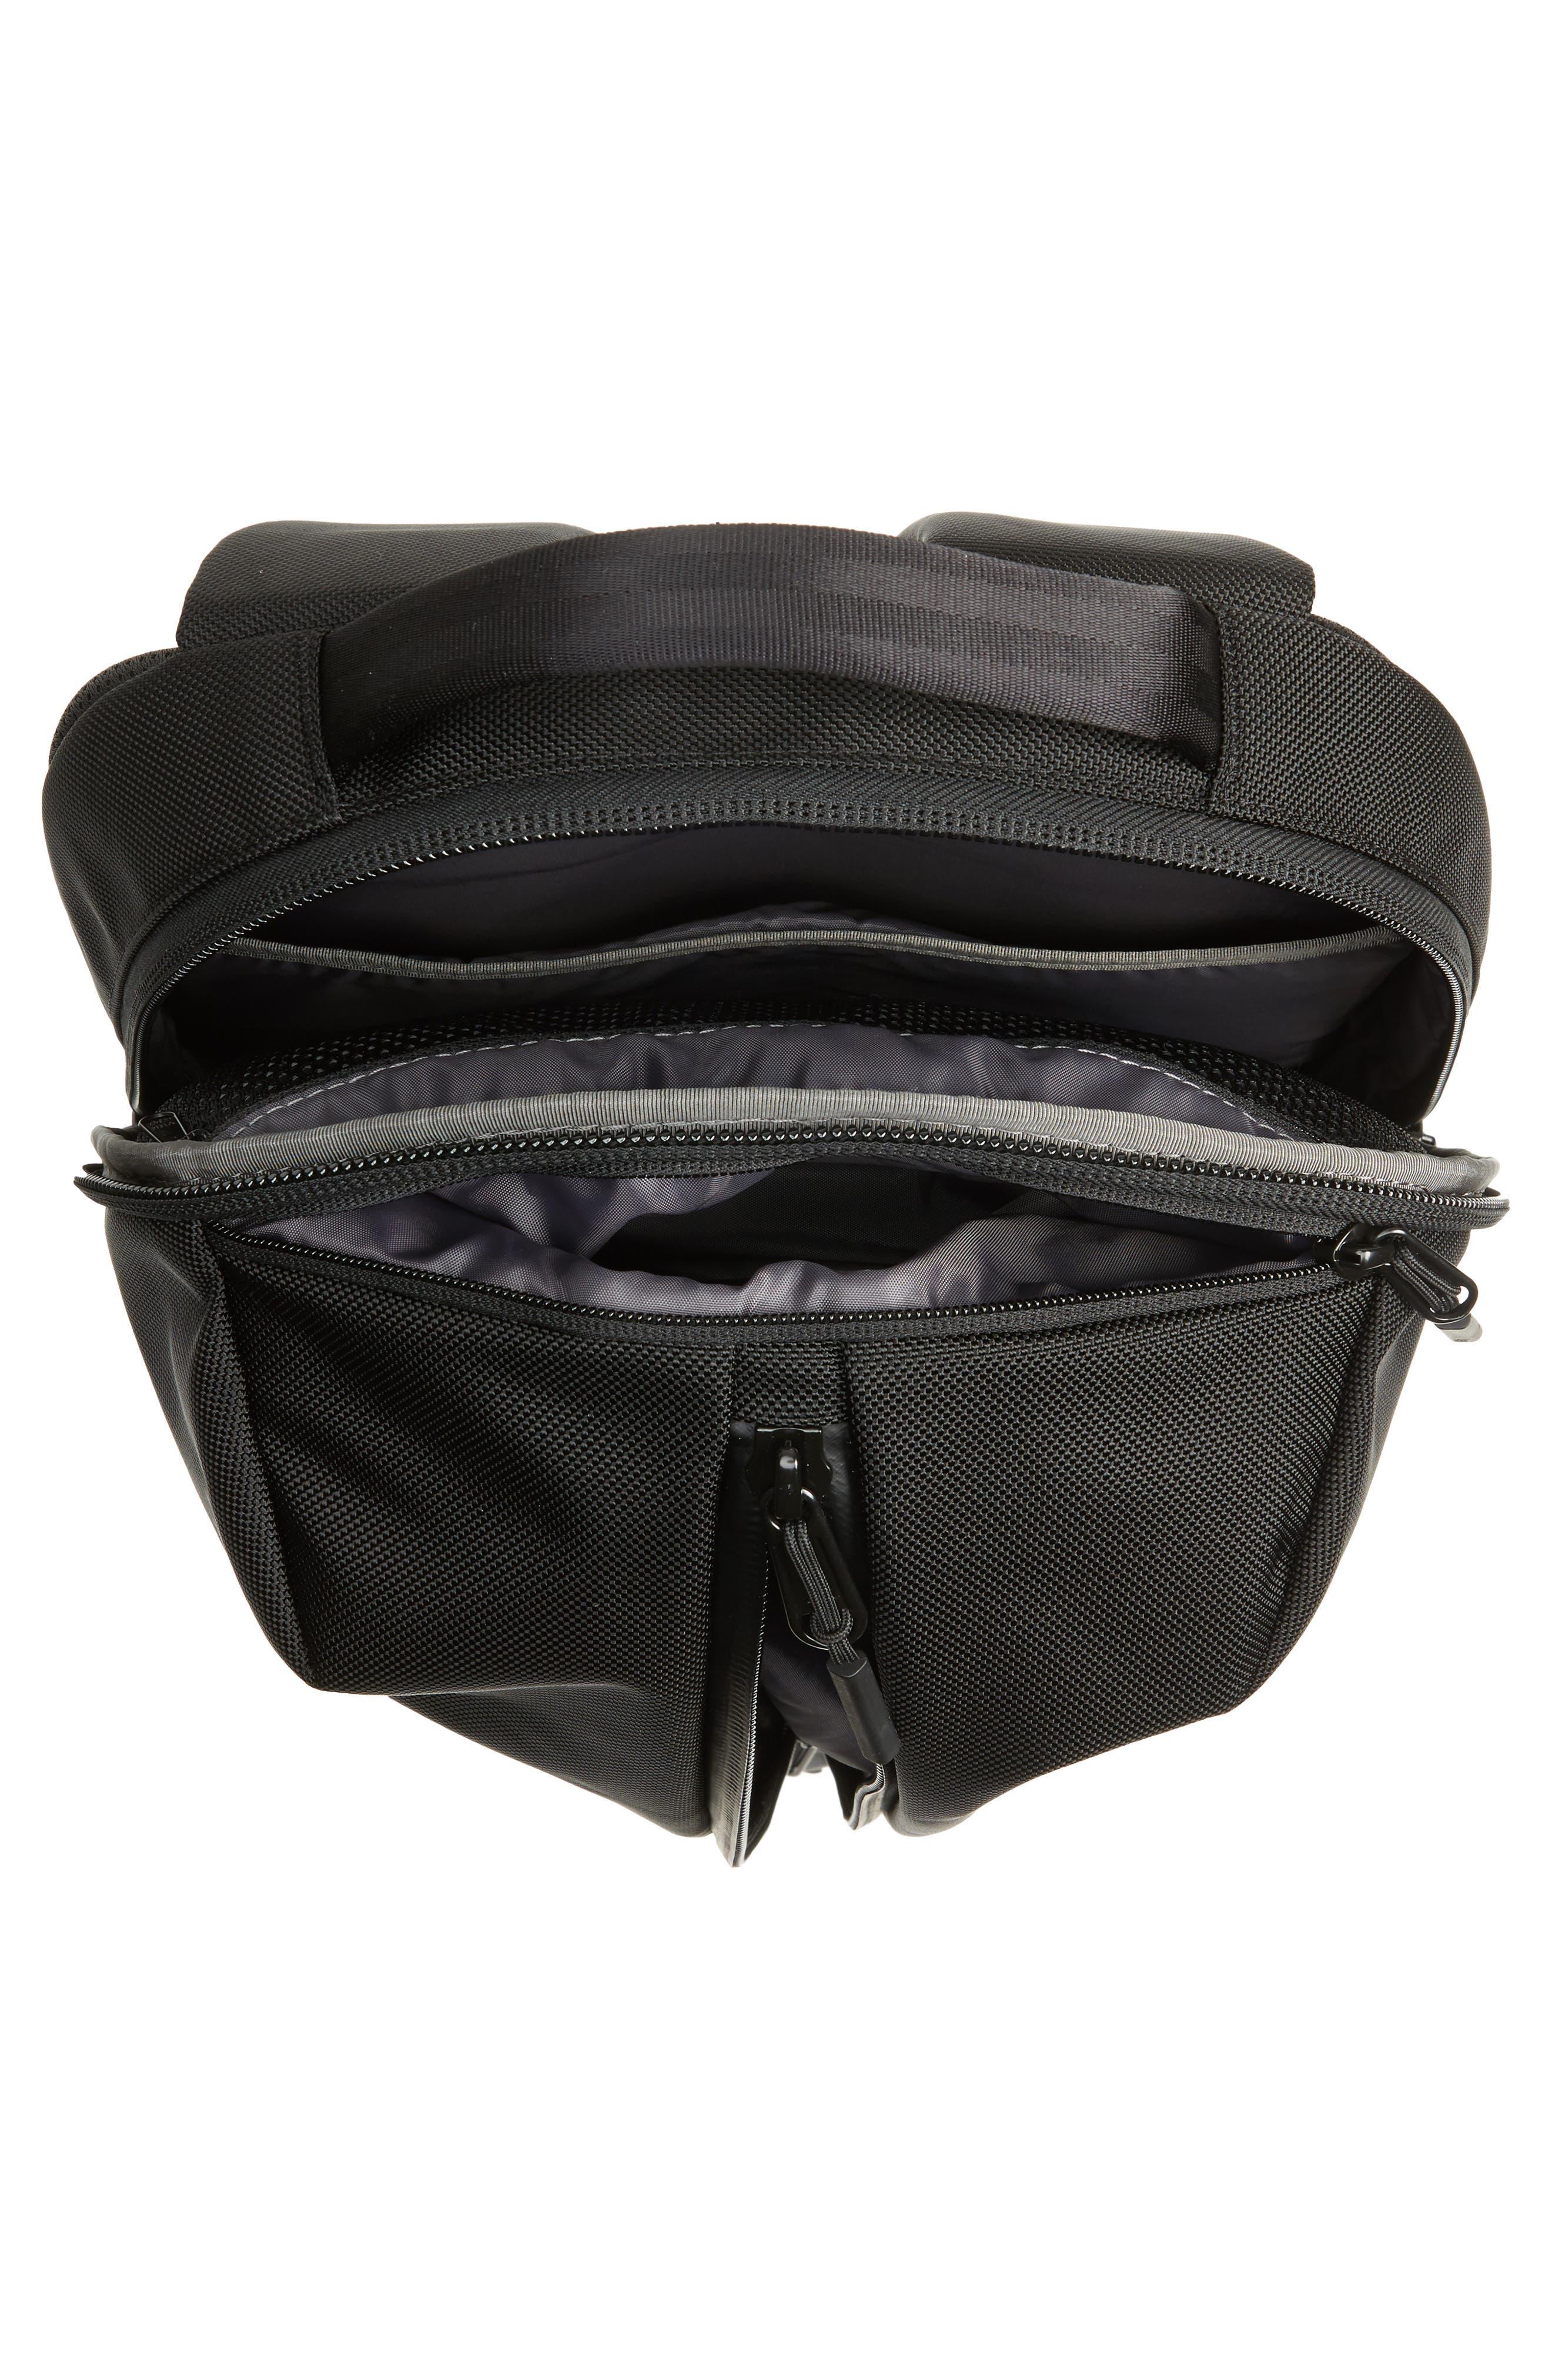 Alternate Image 4  - Aer Fit Pack 2 Backpack